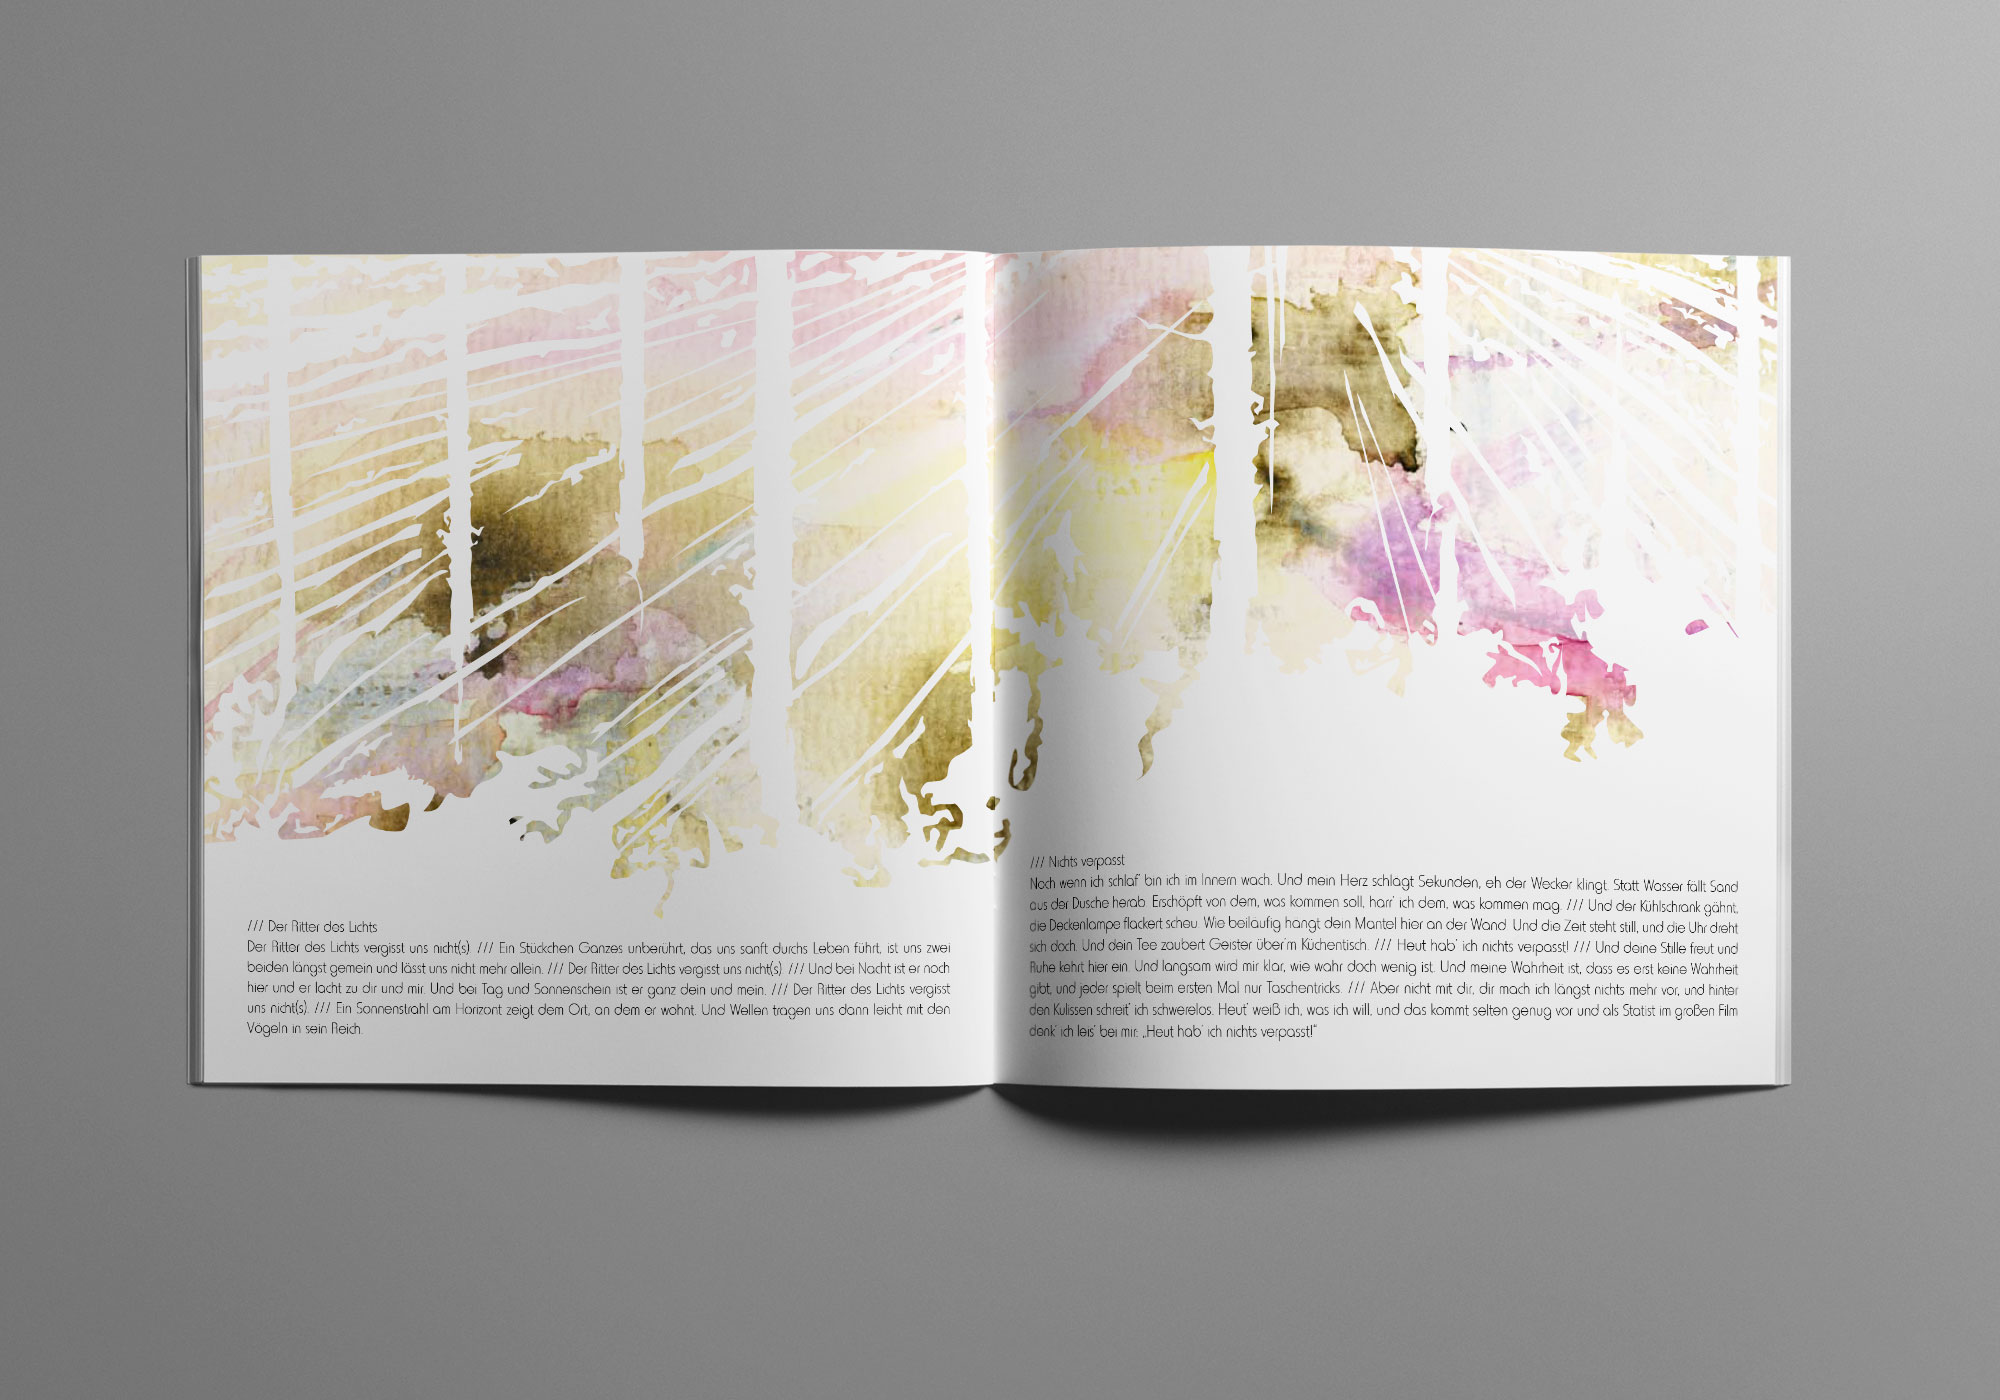 Die Doppelseite des Album Artworks zeigt eine von Licht durchflutete Waldszene.